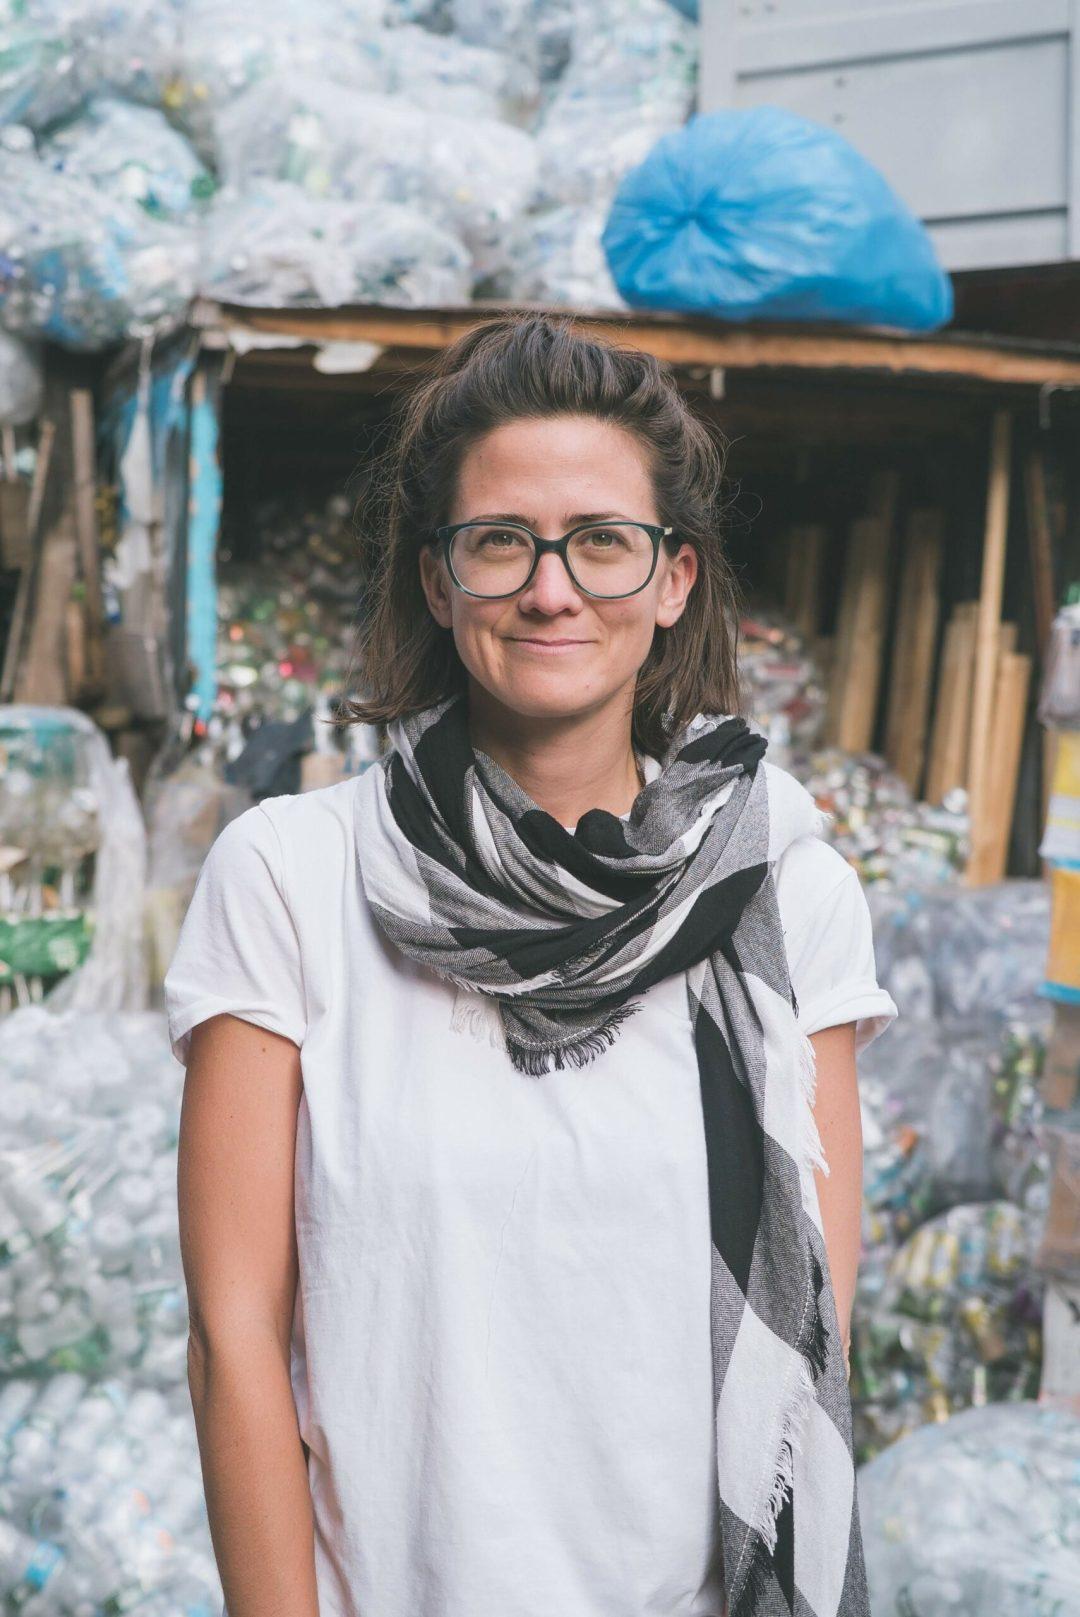 Agustina Besada estuvo dos años al frente de Sure We Can y da fe del poder transformador del trabajo y de la comunidad.